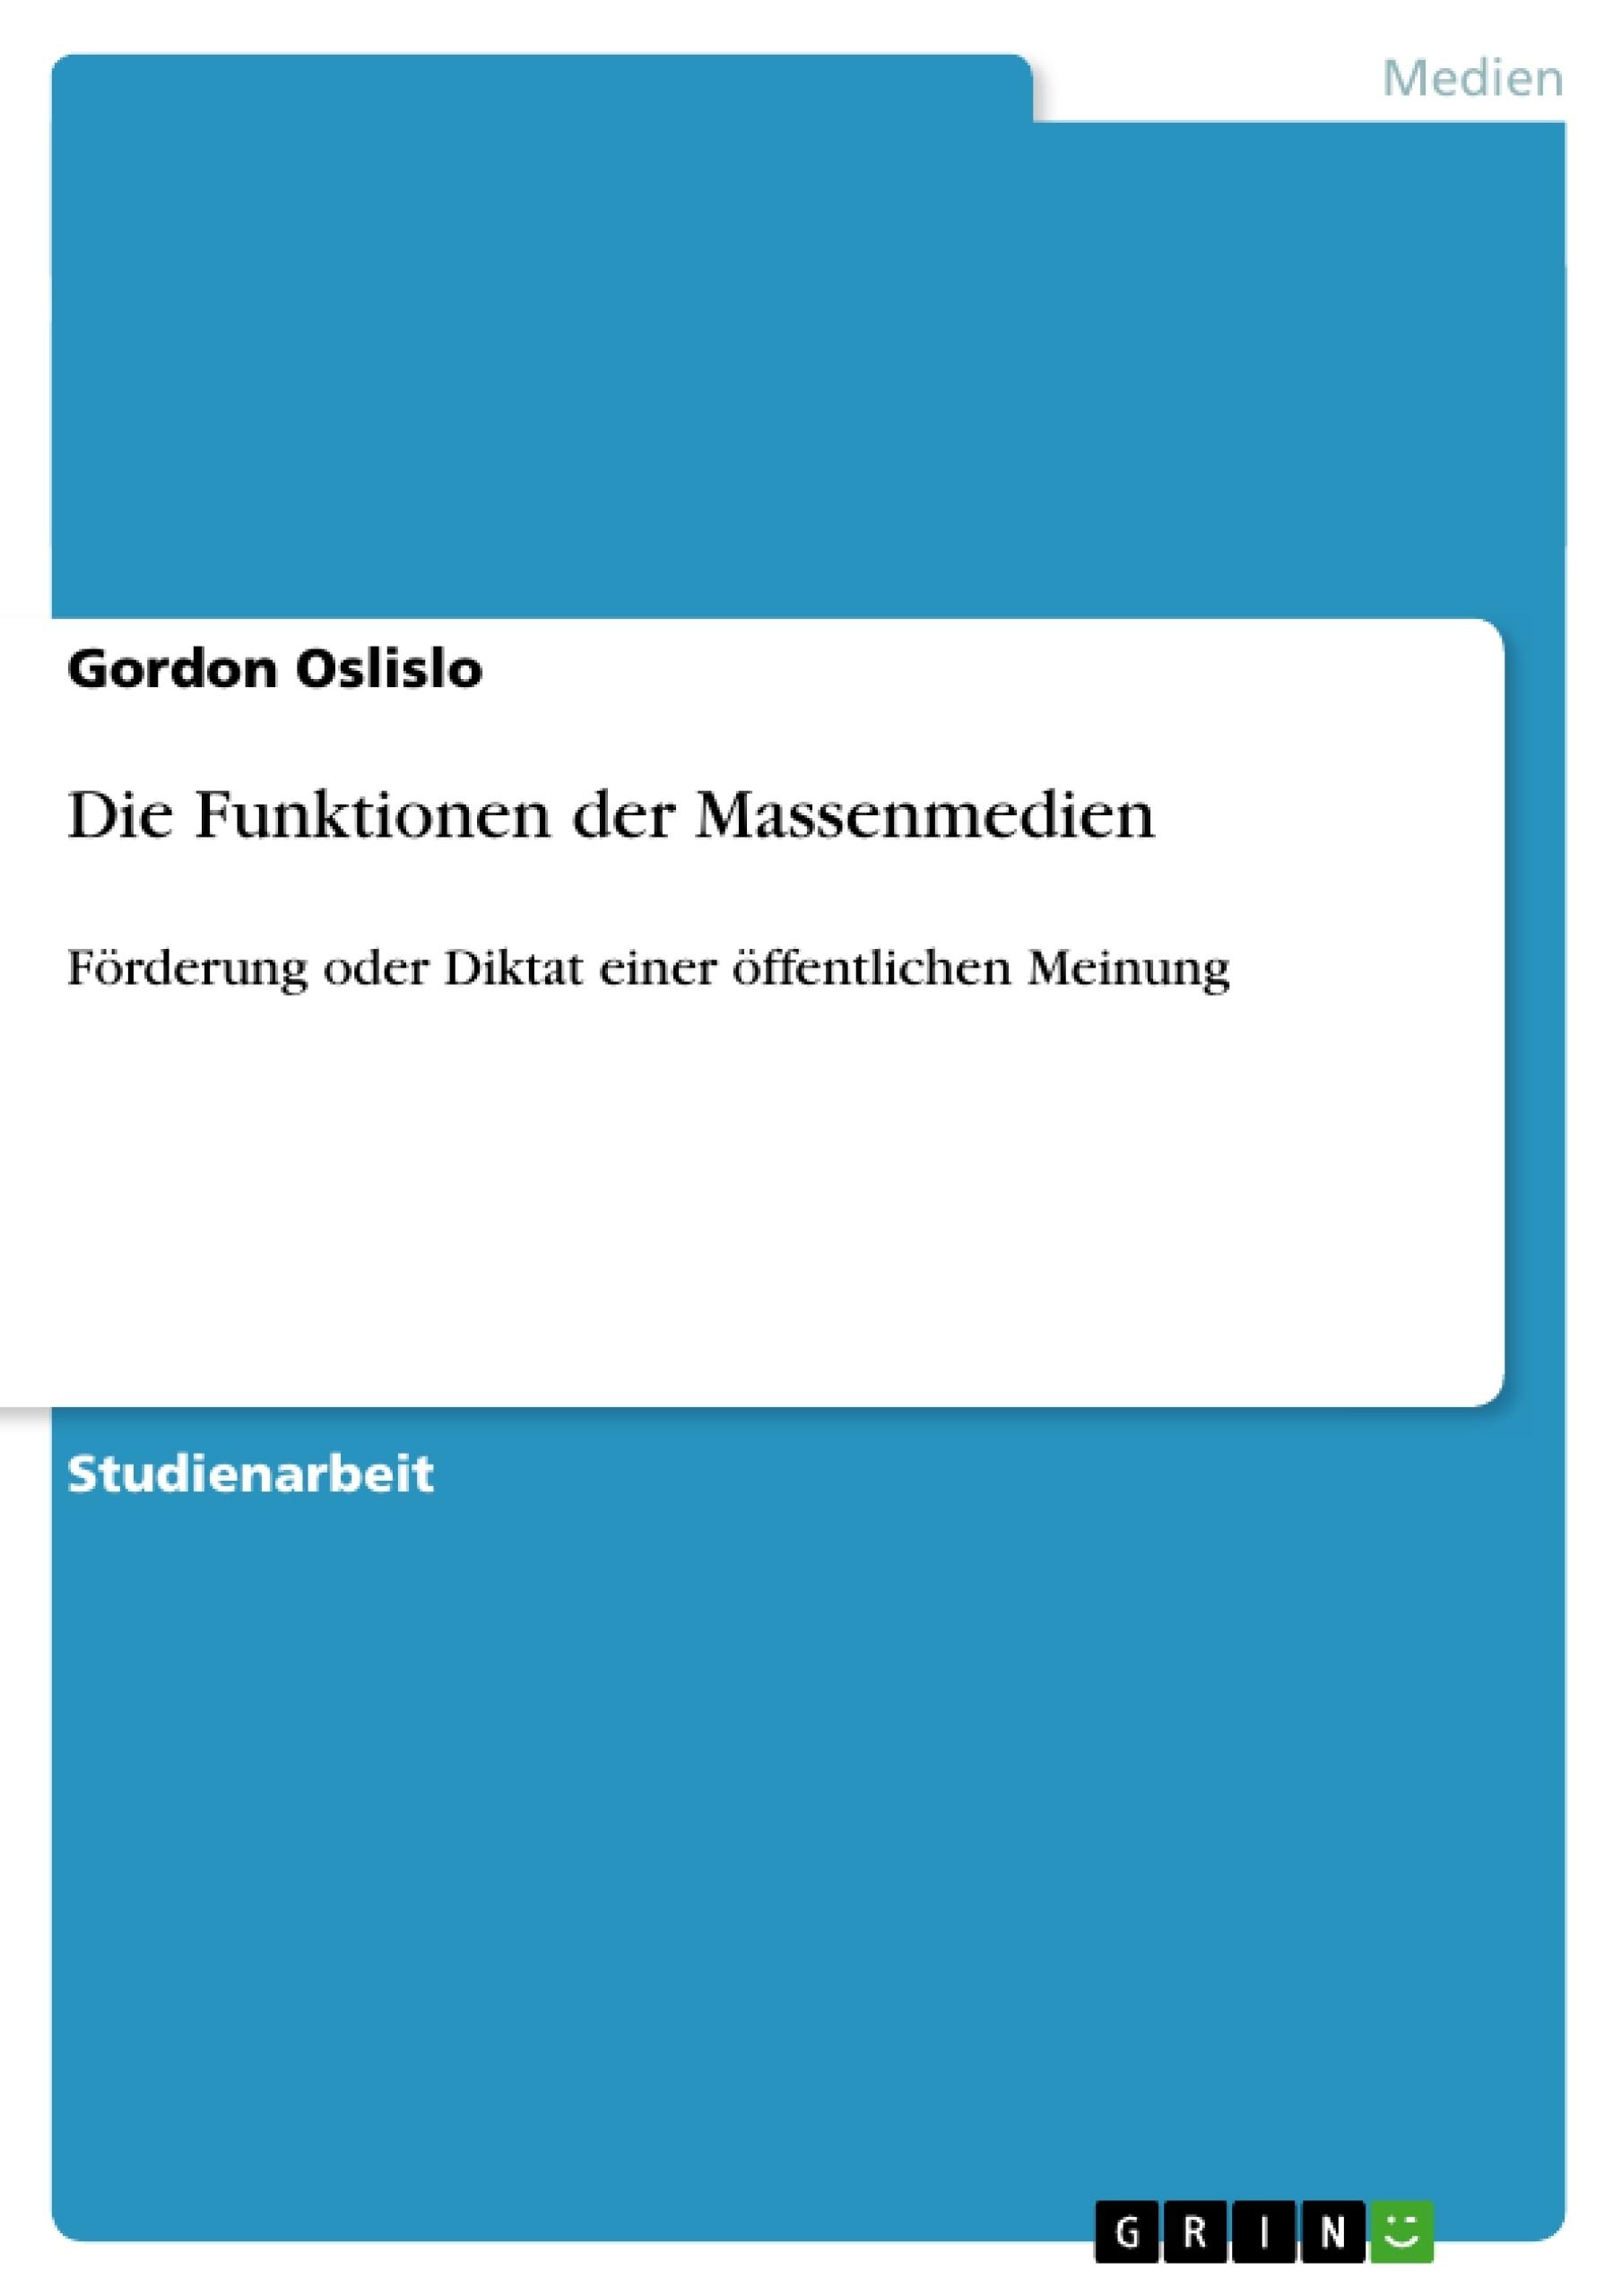 Titel: Die Funktionen der Massenmedien